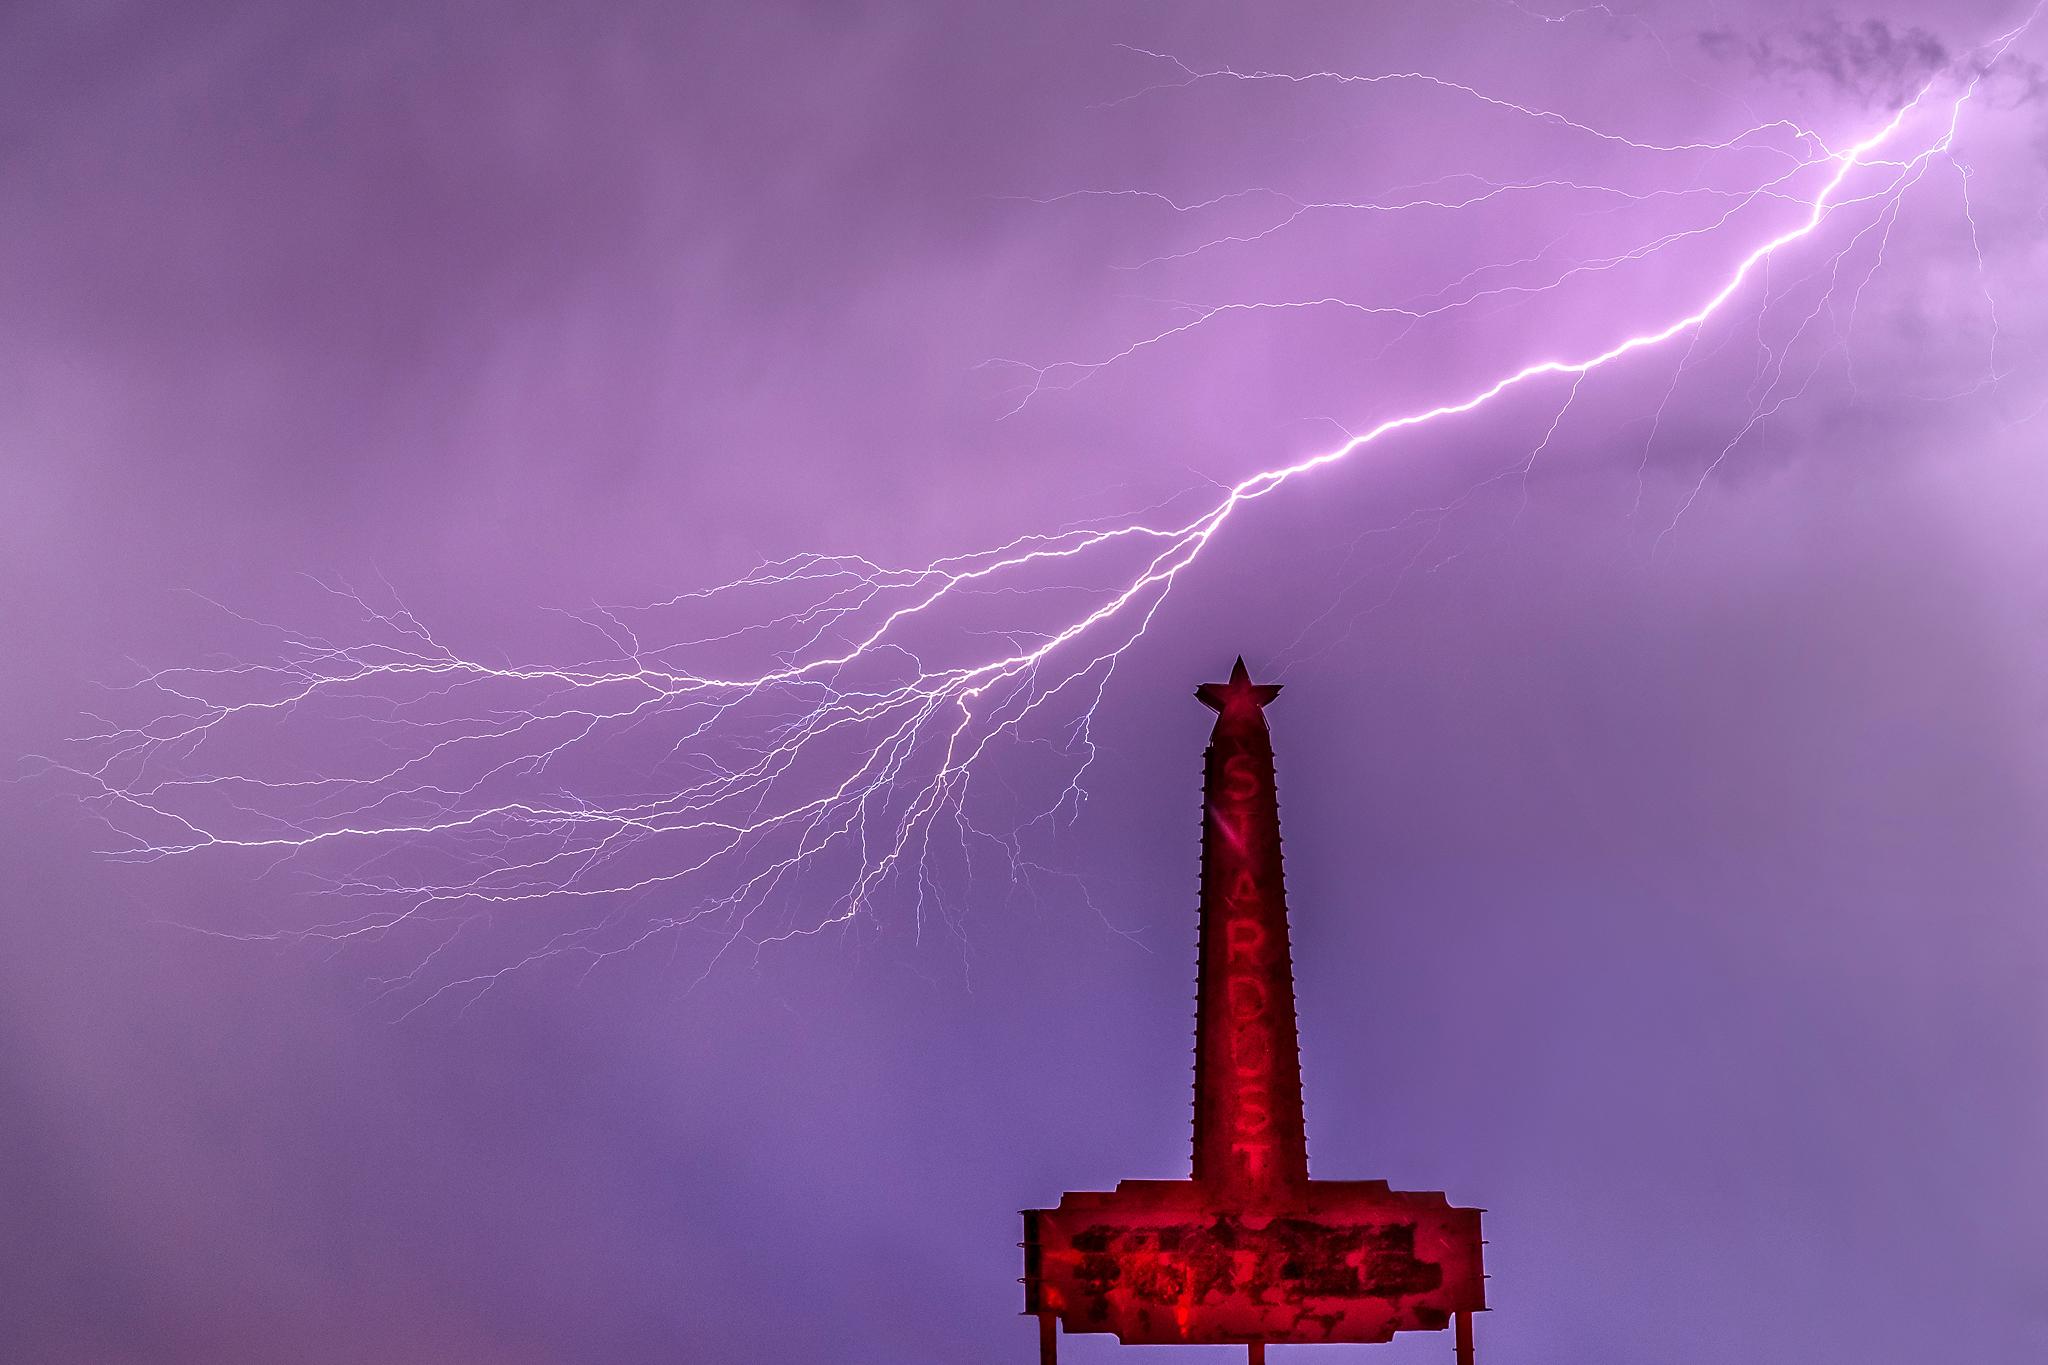 LesleyBrownLightning-RS.jpg